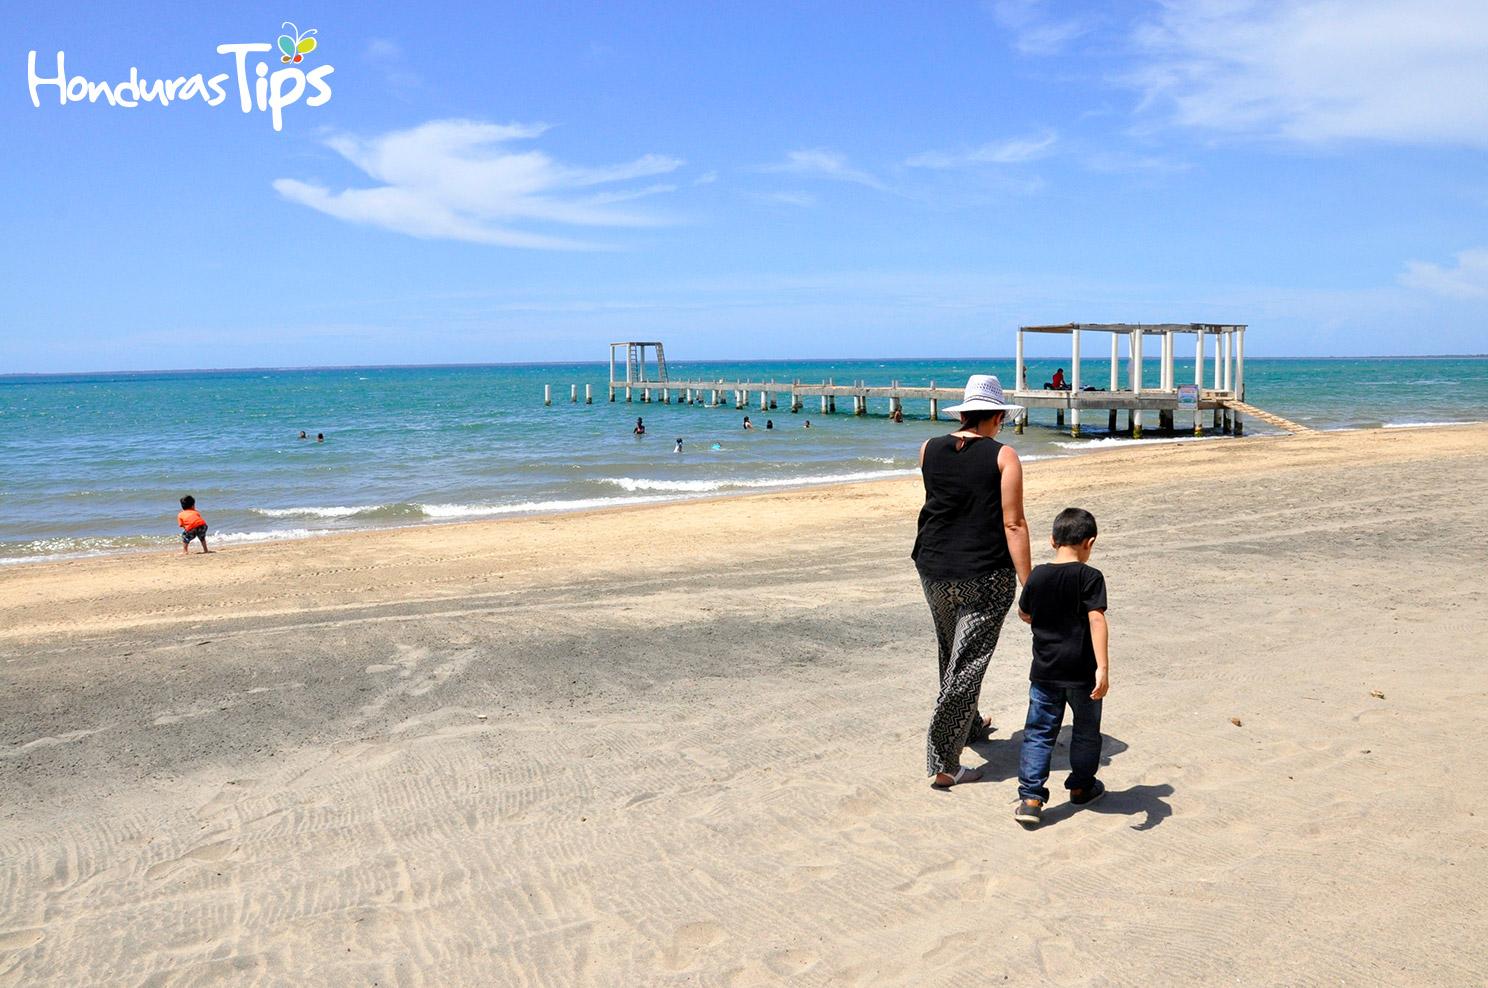 La playa municipal de Trujillo, invitó a los viajeros a dar un corto paseo mientras esperaban degustar las delicias locales en los restaurantes.